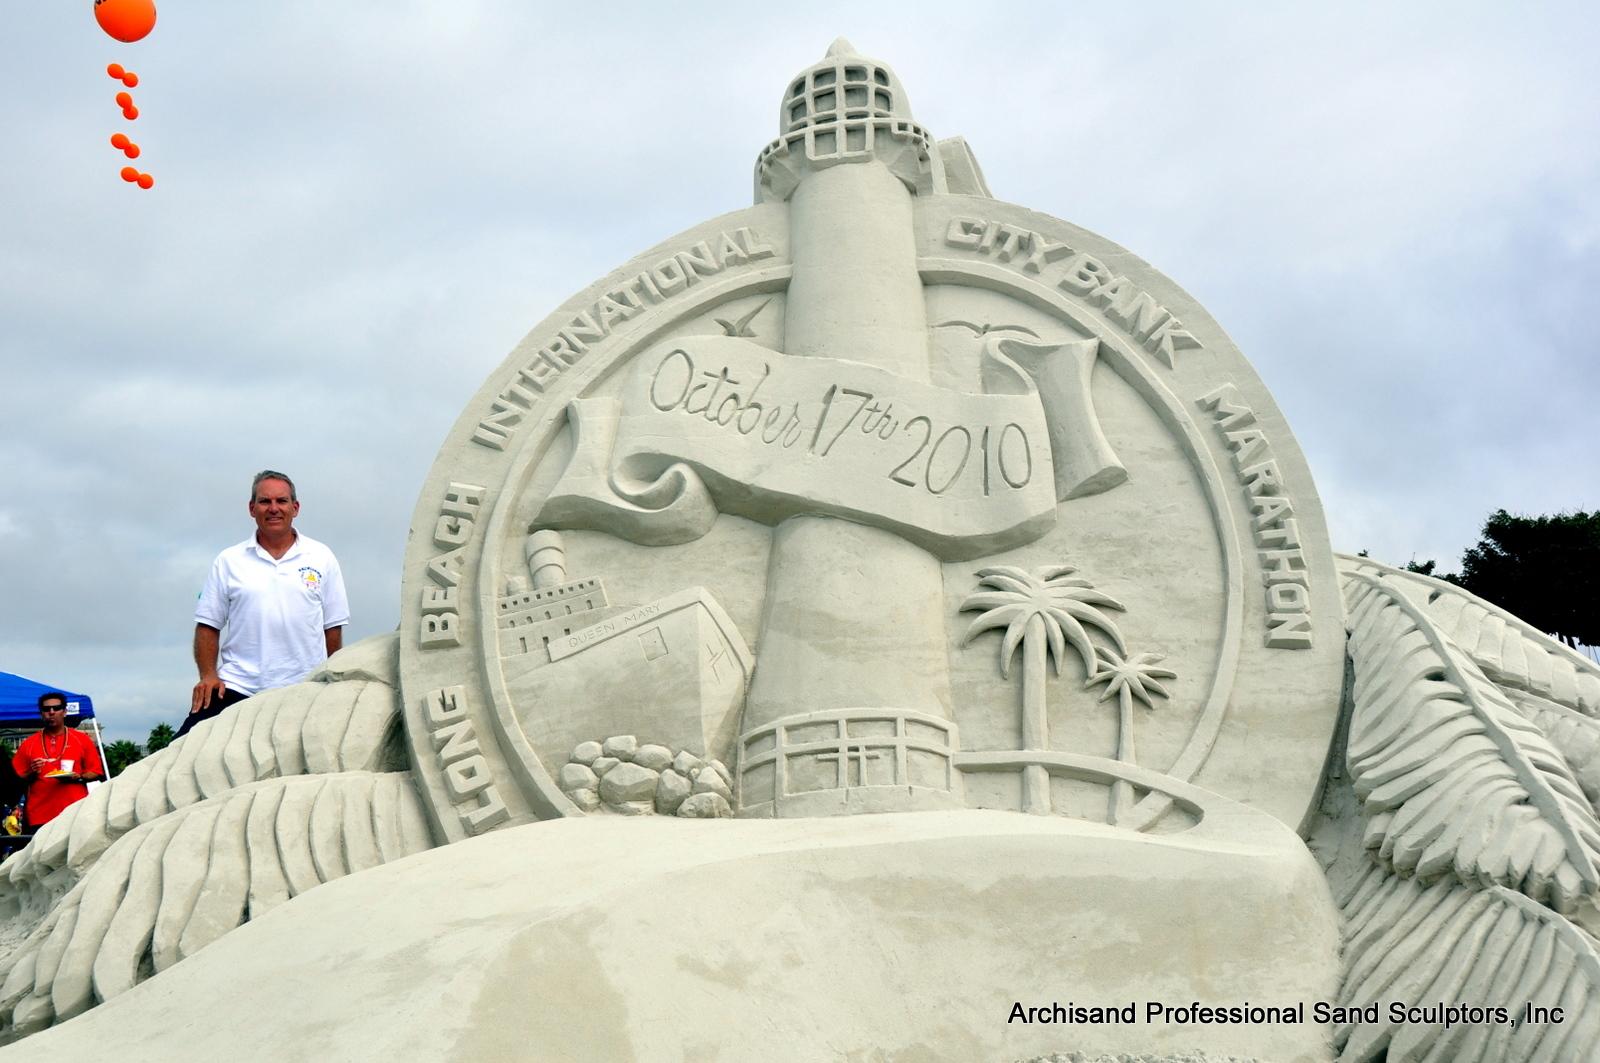 Long Beach Marathon Sand Sculpture 2010